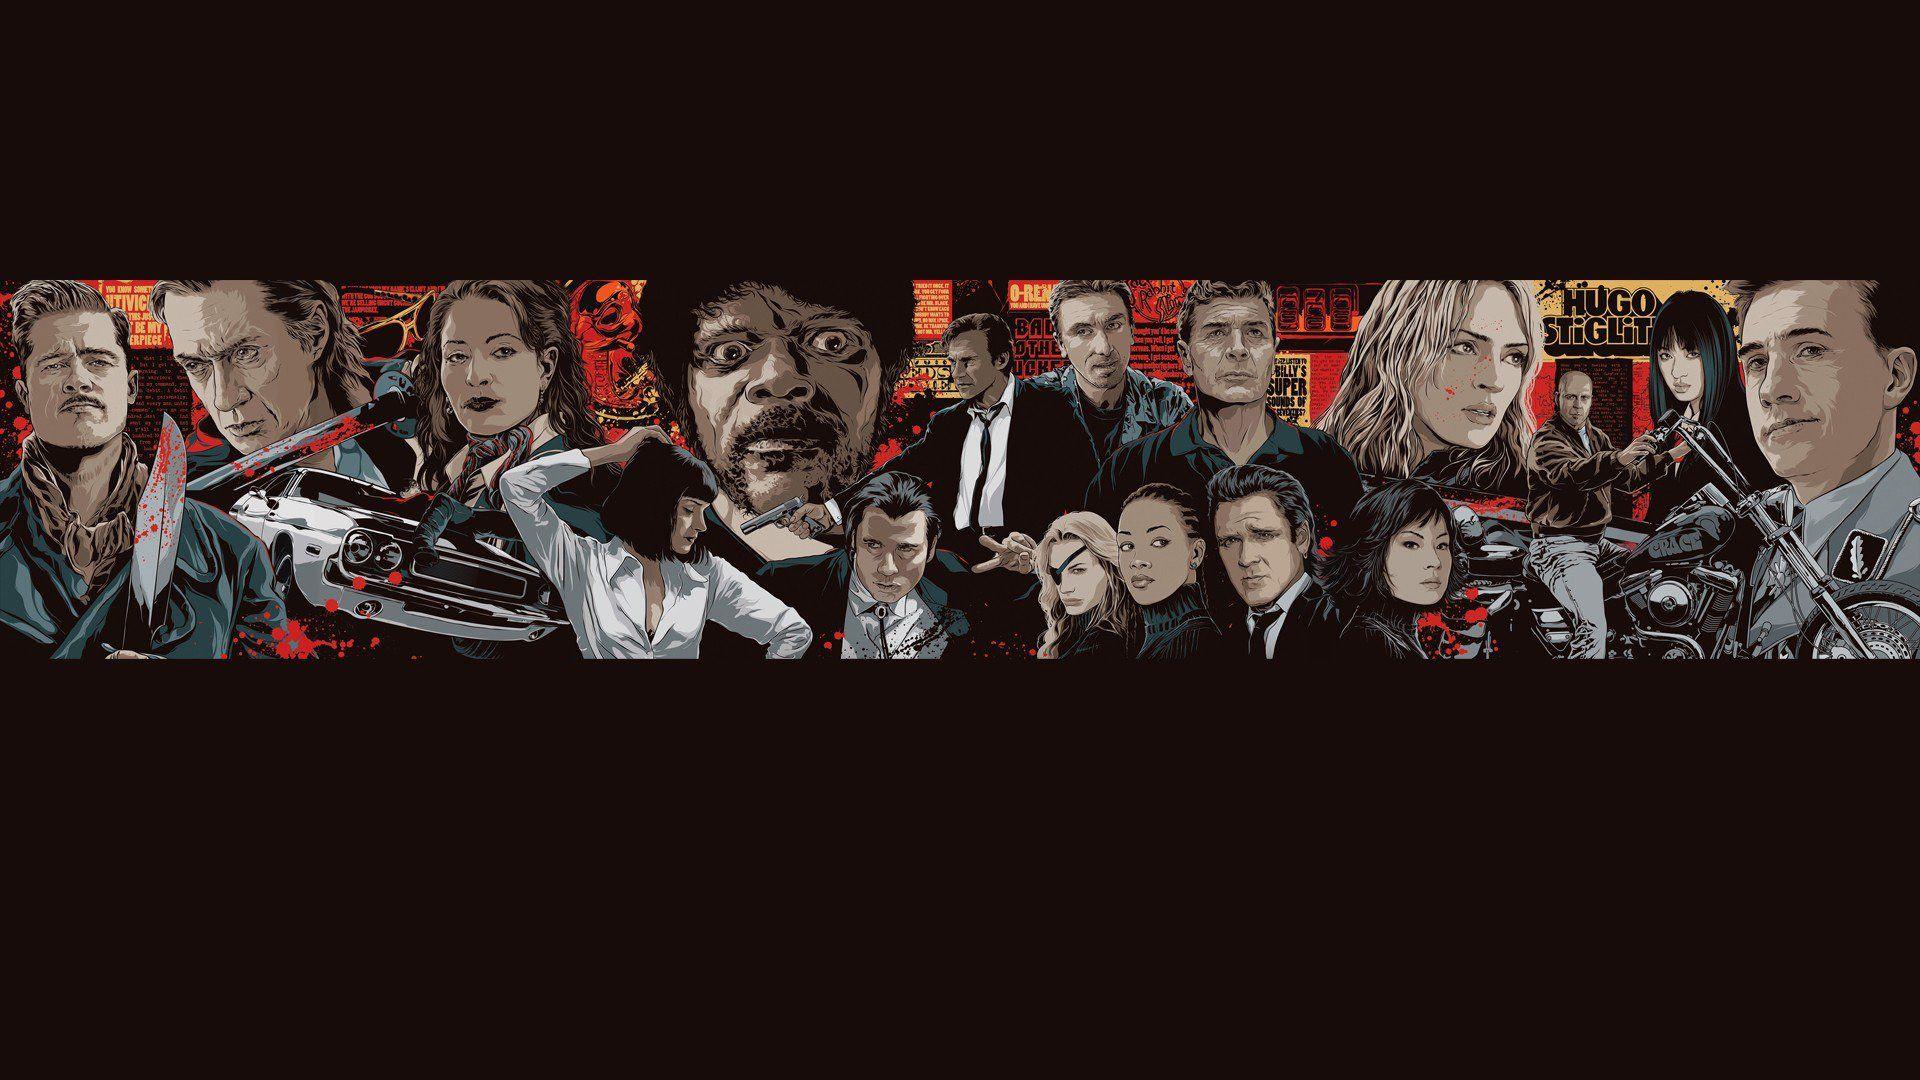 pulp fiction wallpaper hd wwwpixsharkcom images